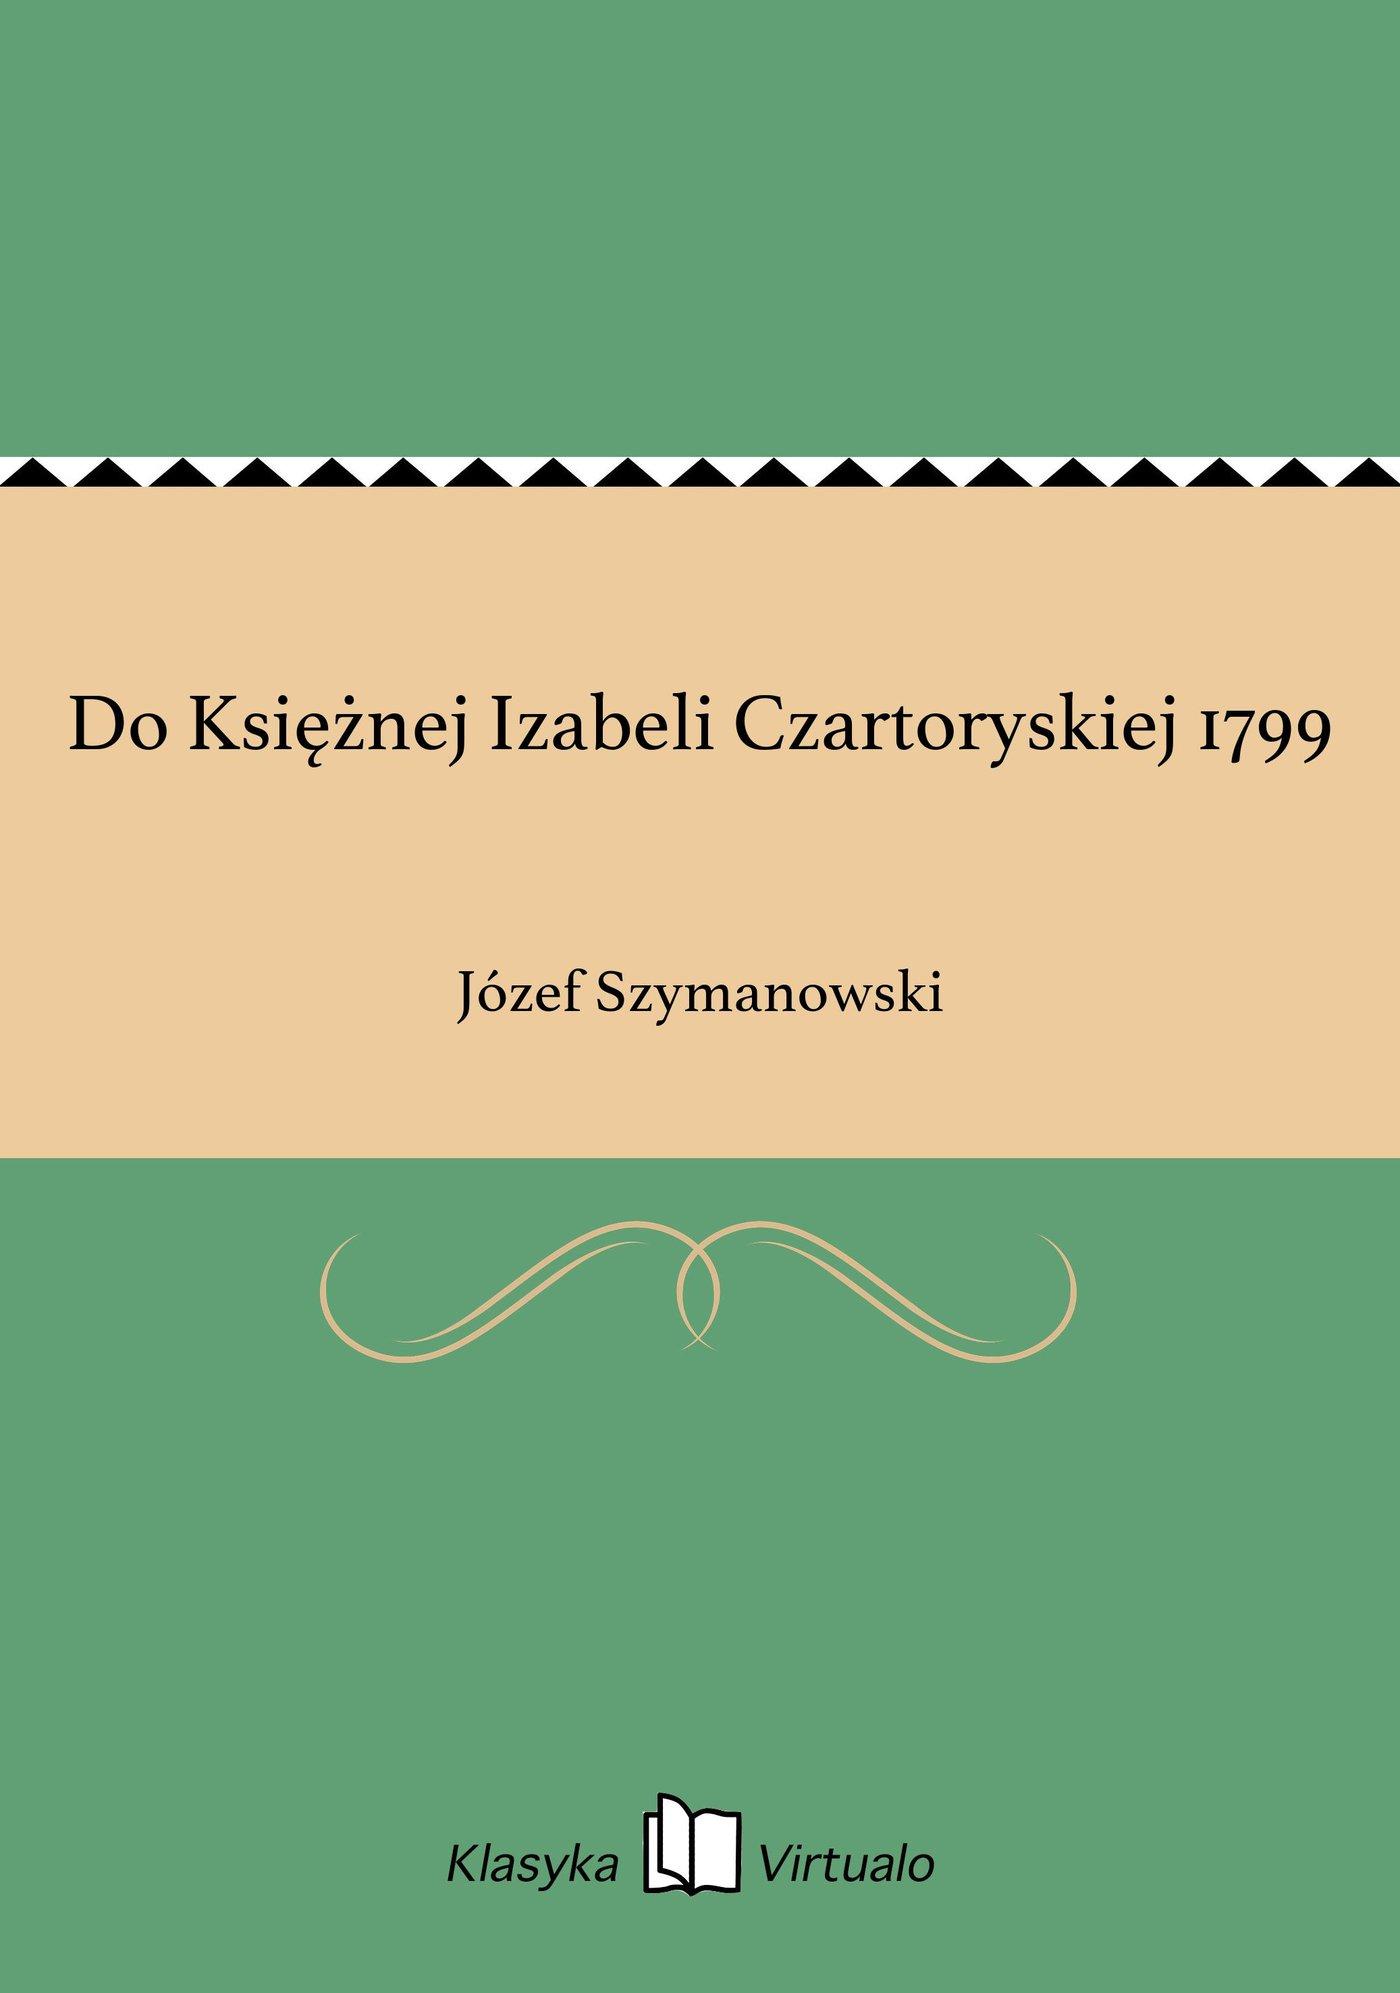 Do Księżnej Izabeli Czartoryskiej 1799 - Ebook (Książka na Kindle) do pobrania w formacie MOBI